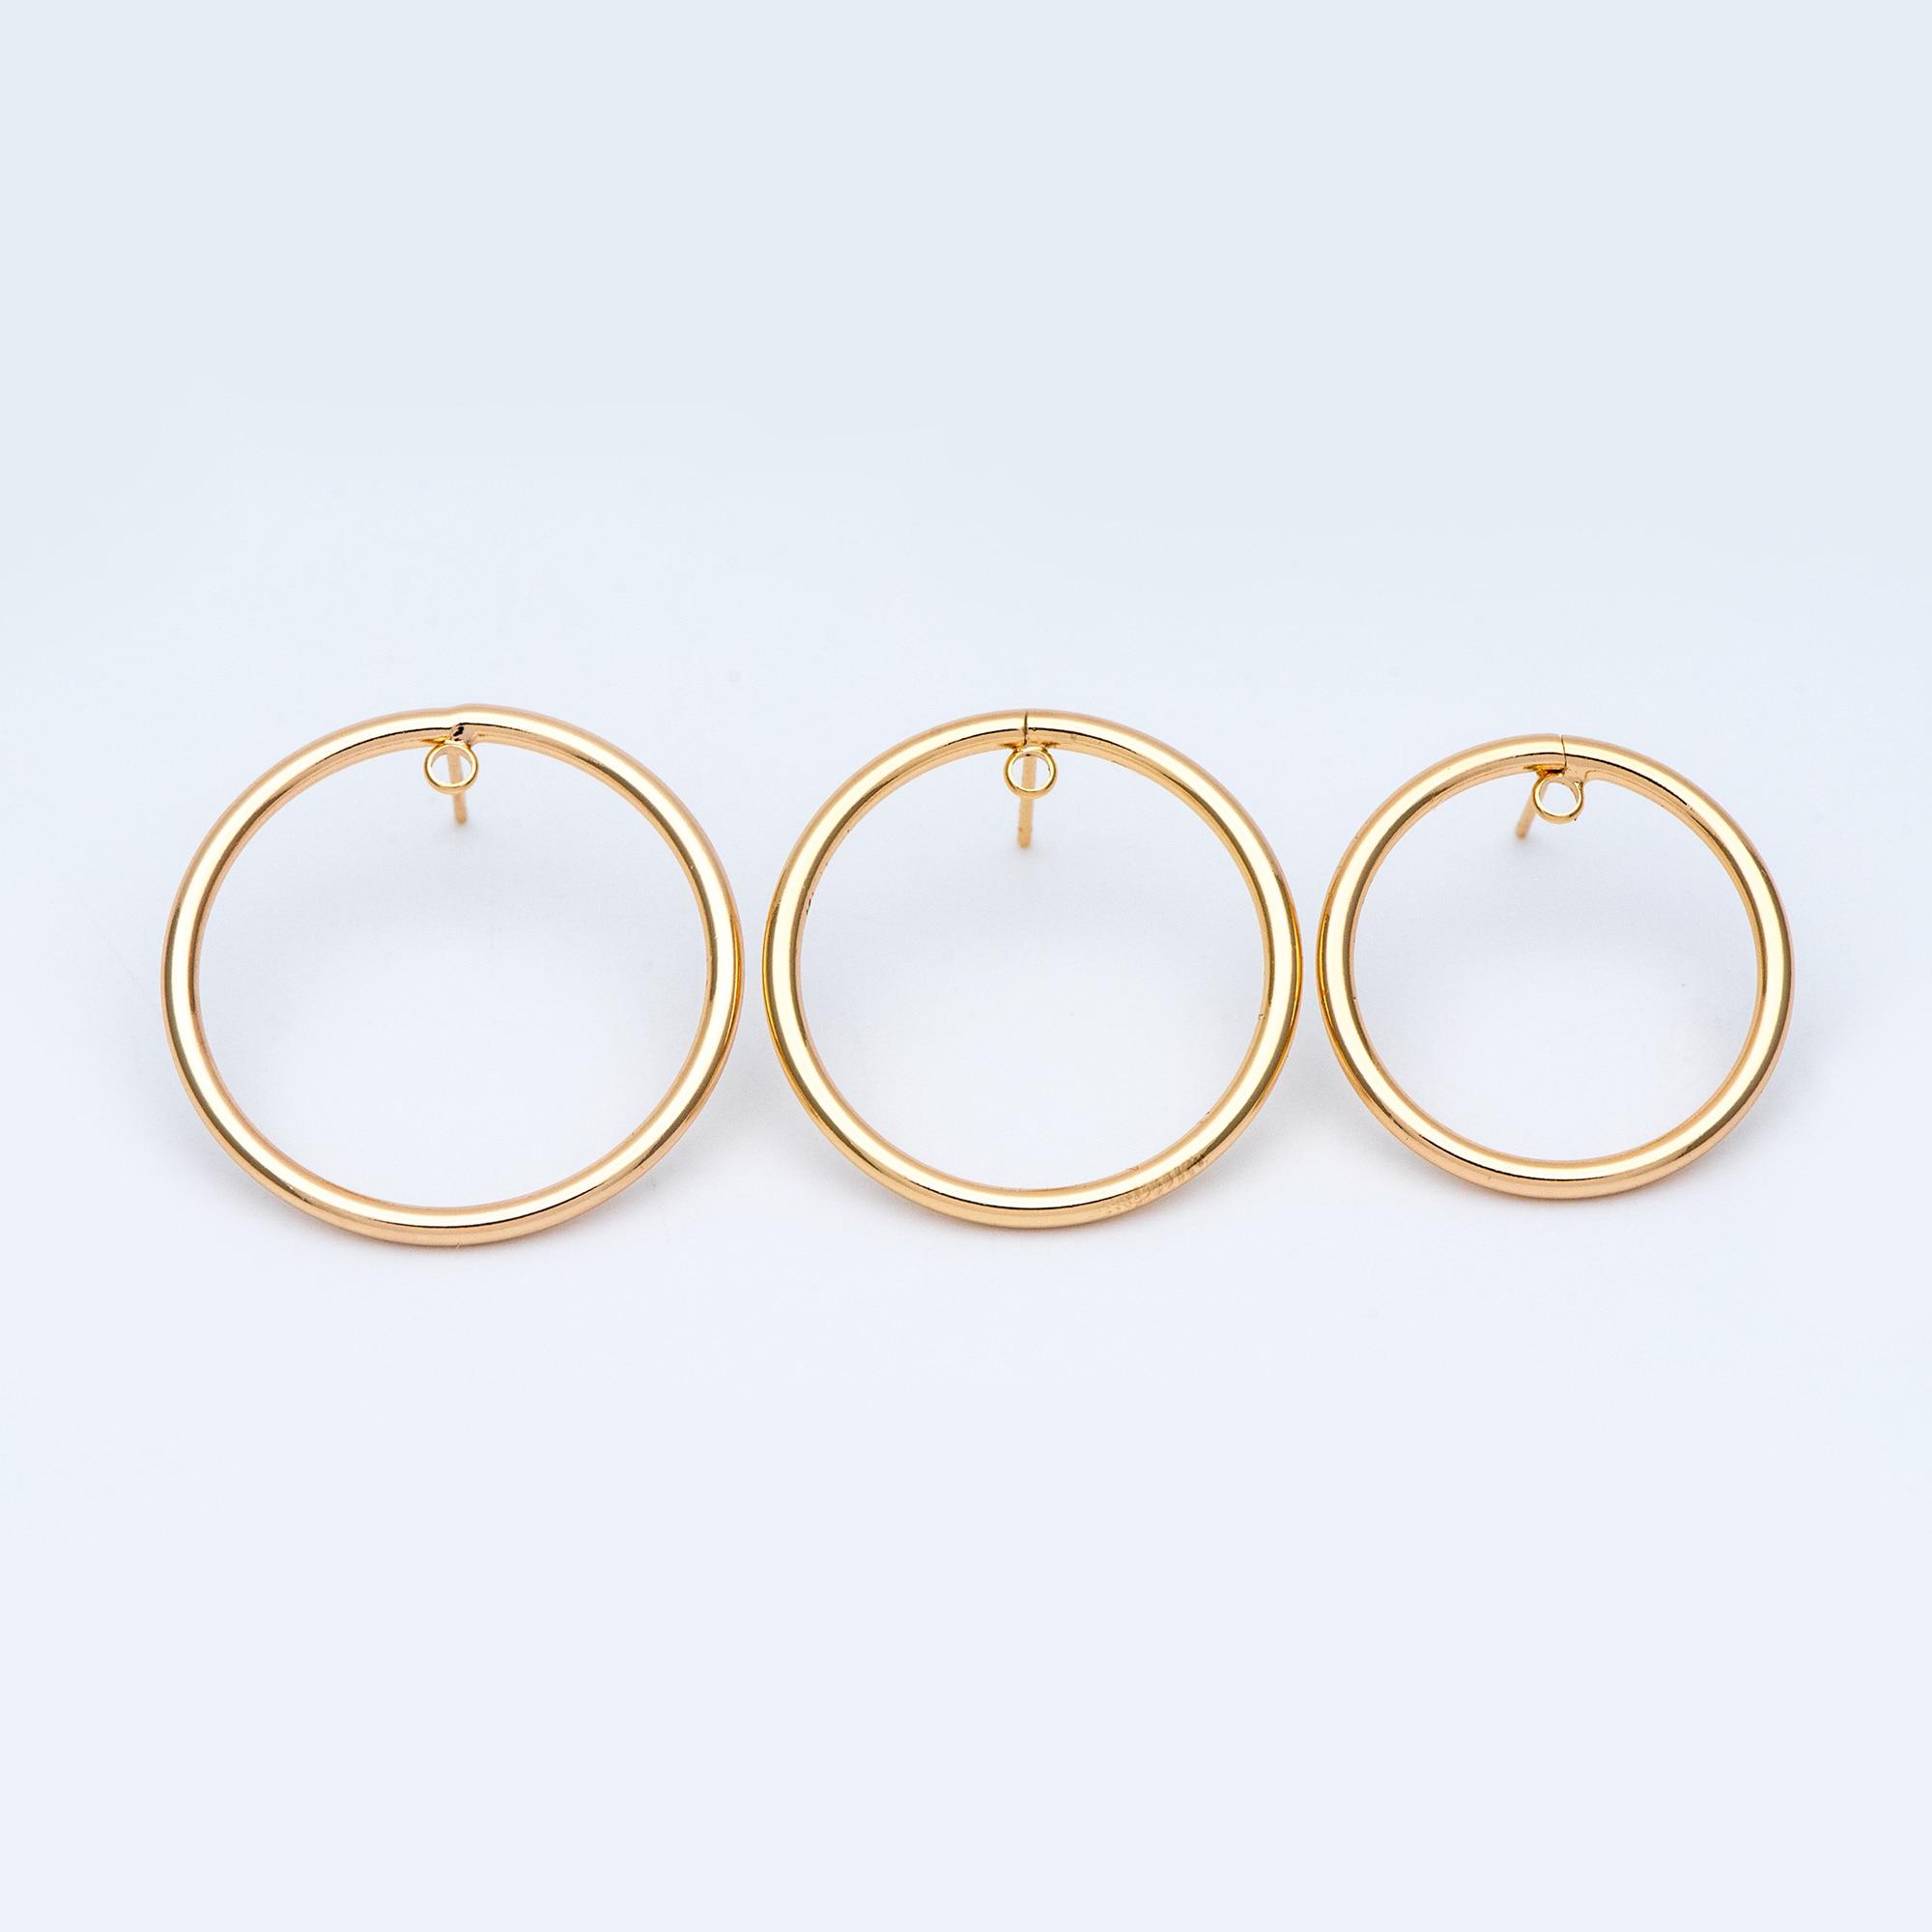 10pcs Minimalist Earring Pin Hook Brass Earwire Copper Ear Wire Hoop Accessory